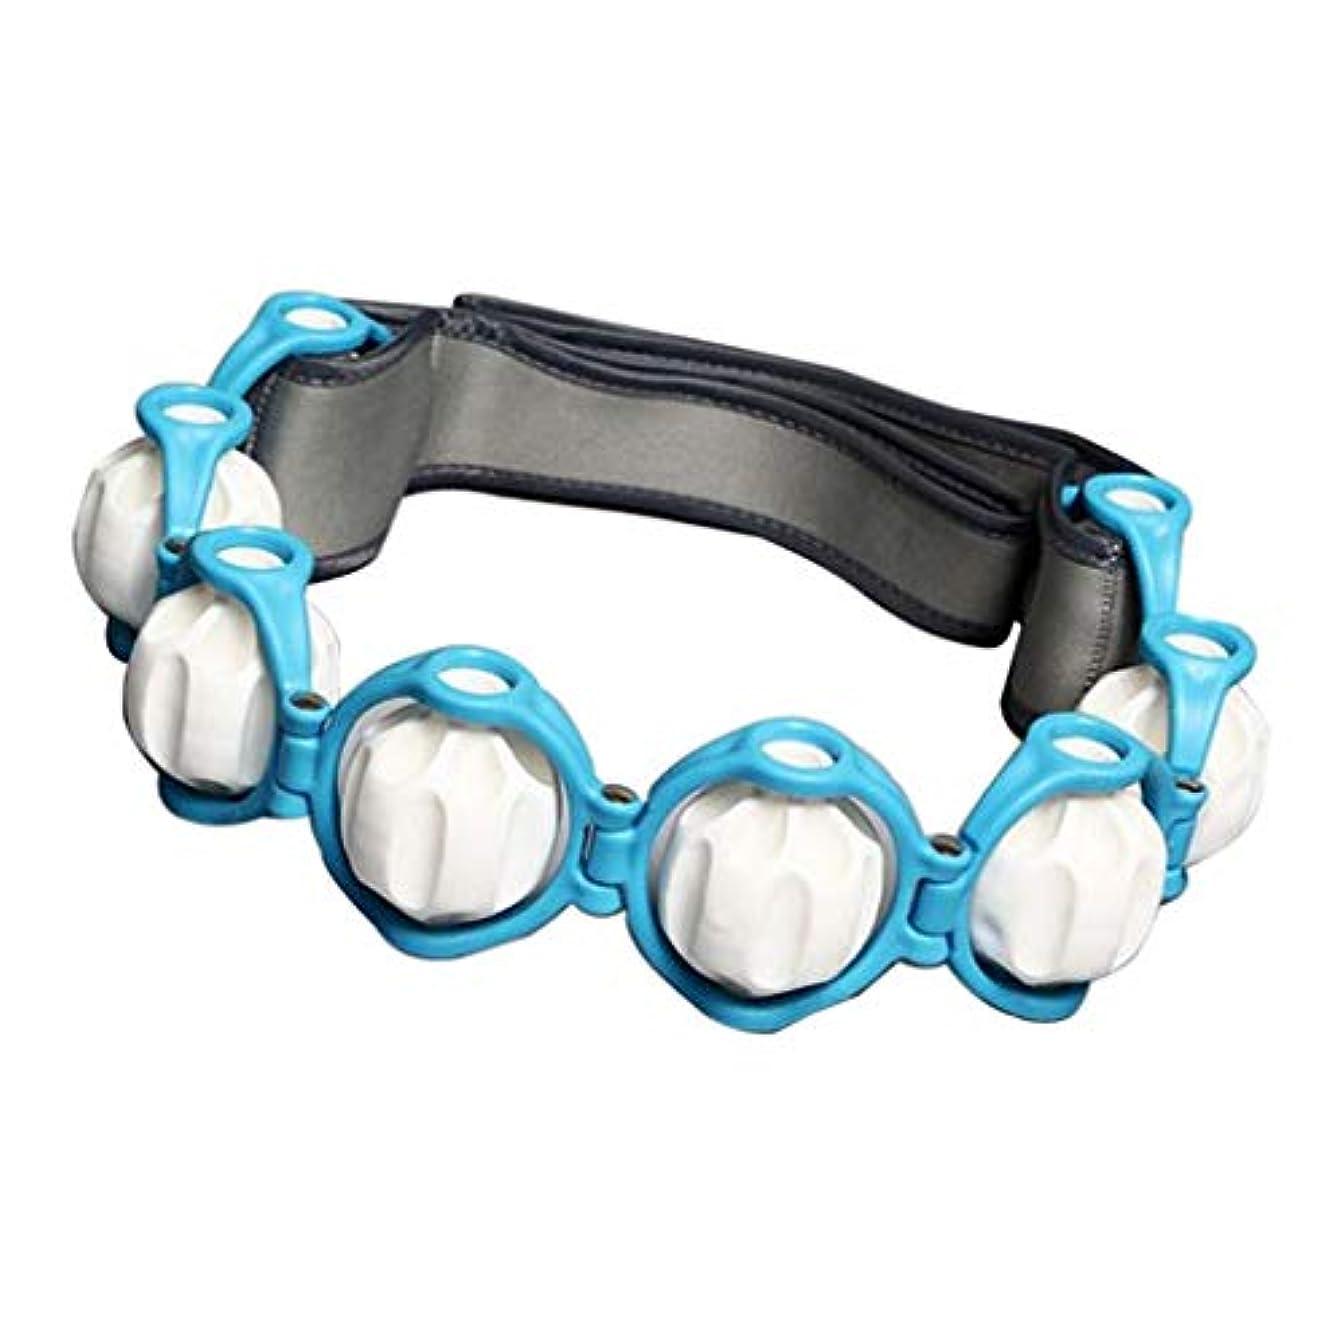 イヤホンローマ人展開するSharplace ボディマッサージローラーロープ 4色 - 青, 説明したように